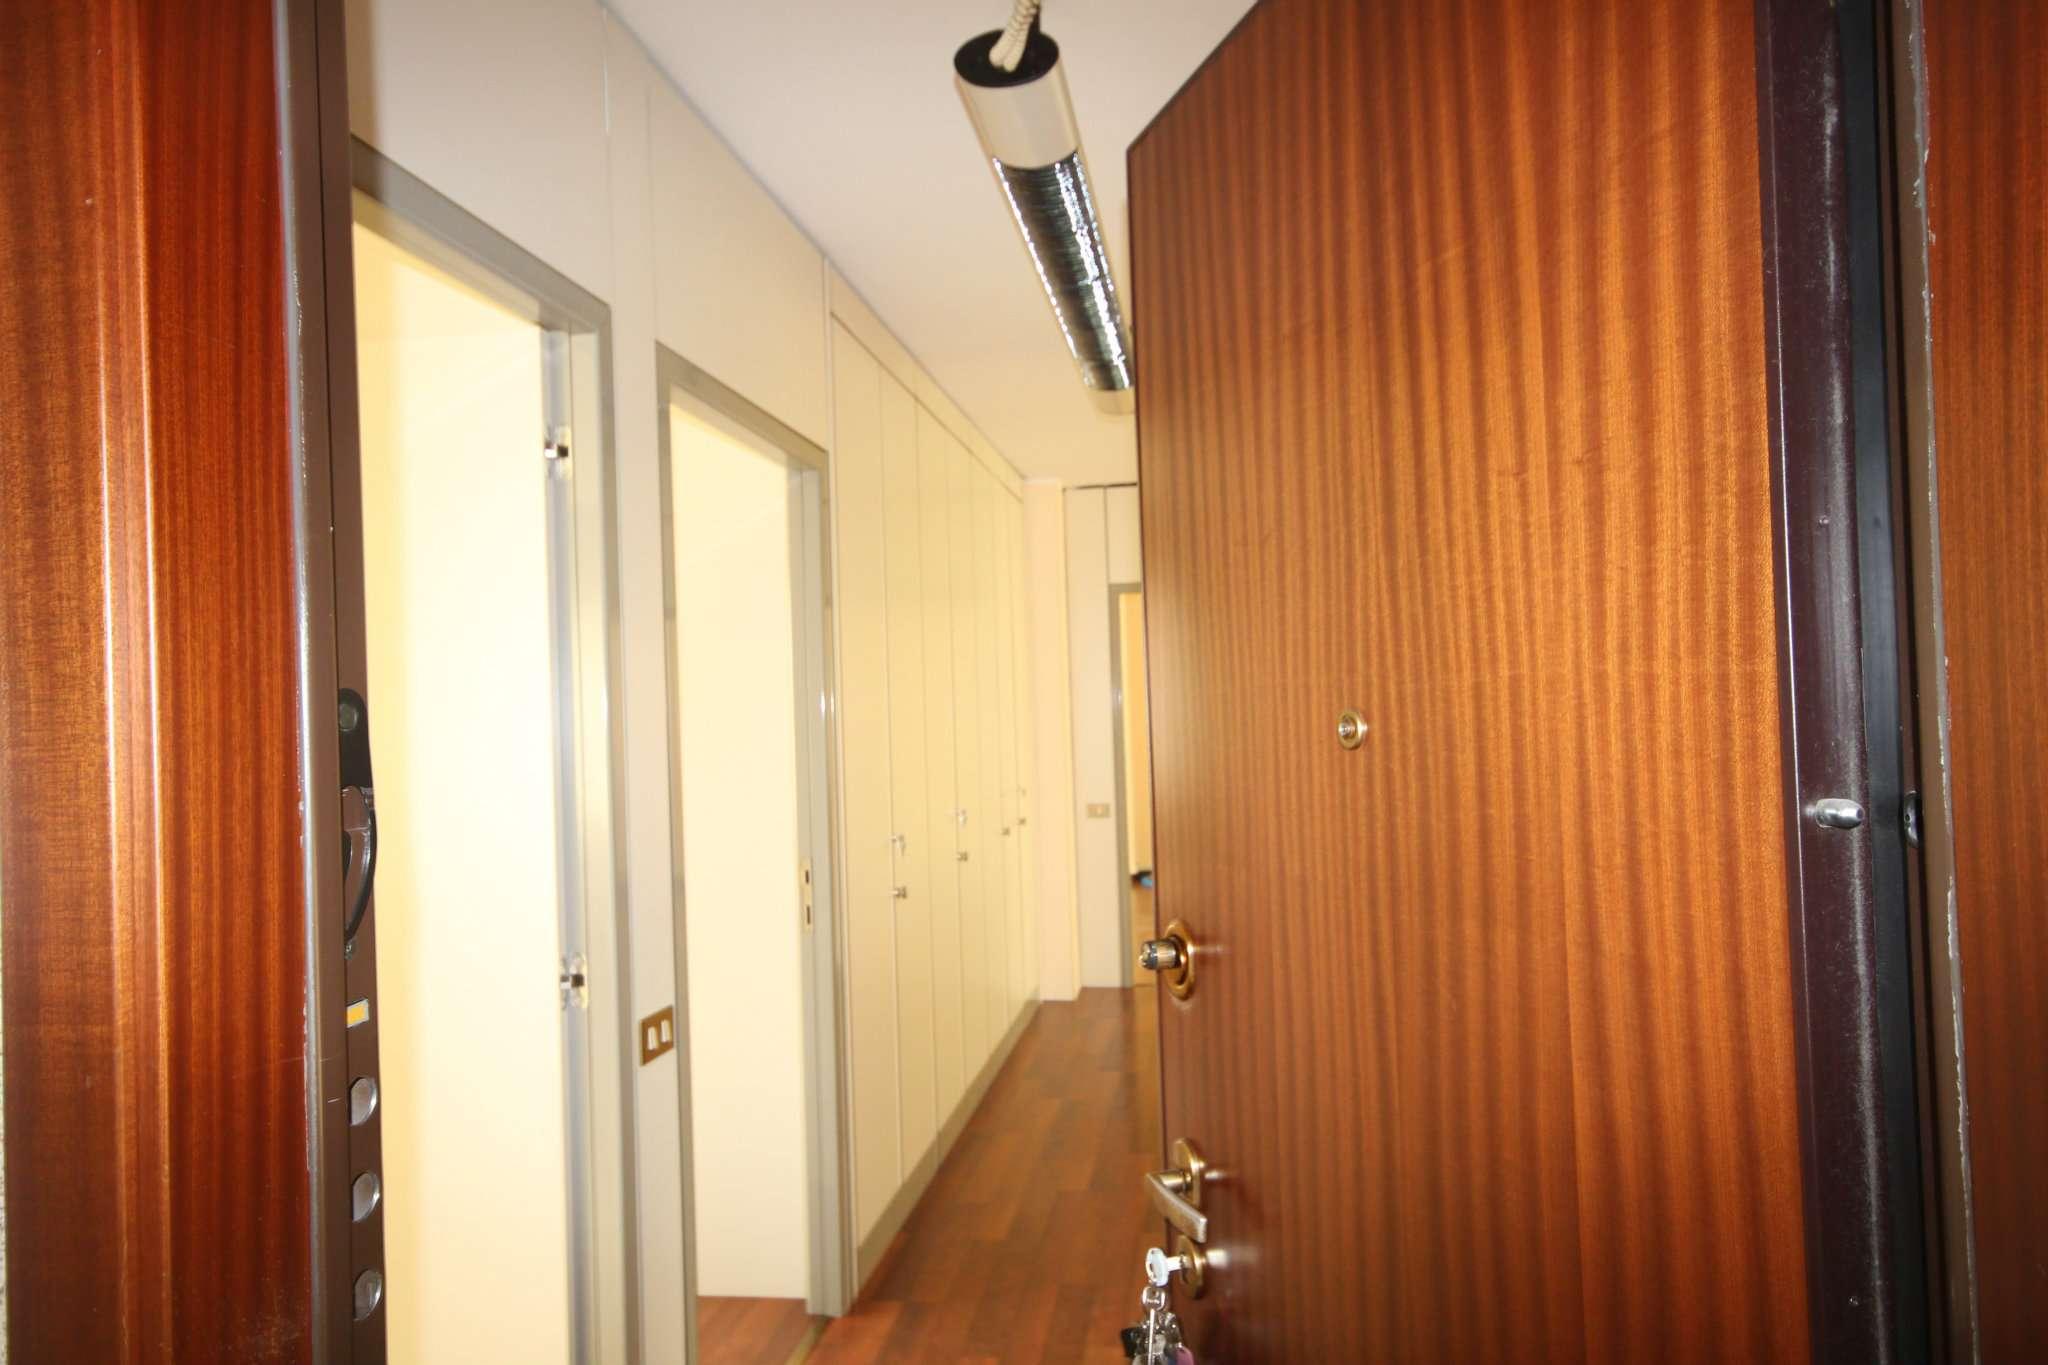 Ufficio / Studio in affitto a Corsico, 4 locali, prezzo € 1.350 | CambioCasa.it